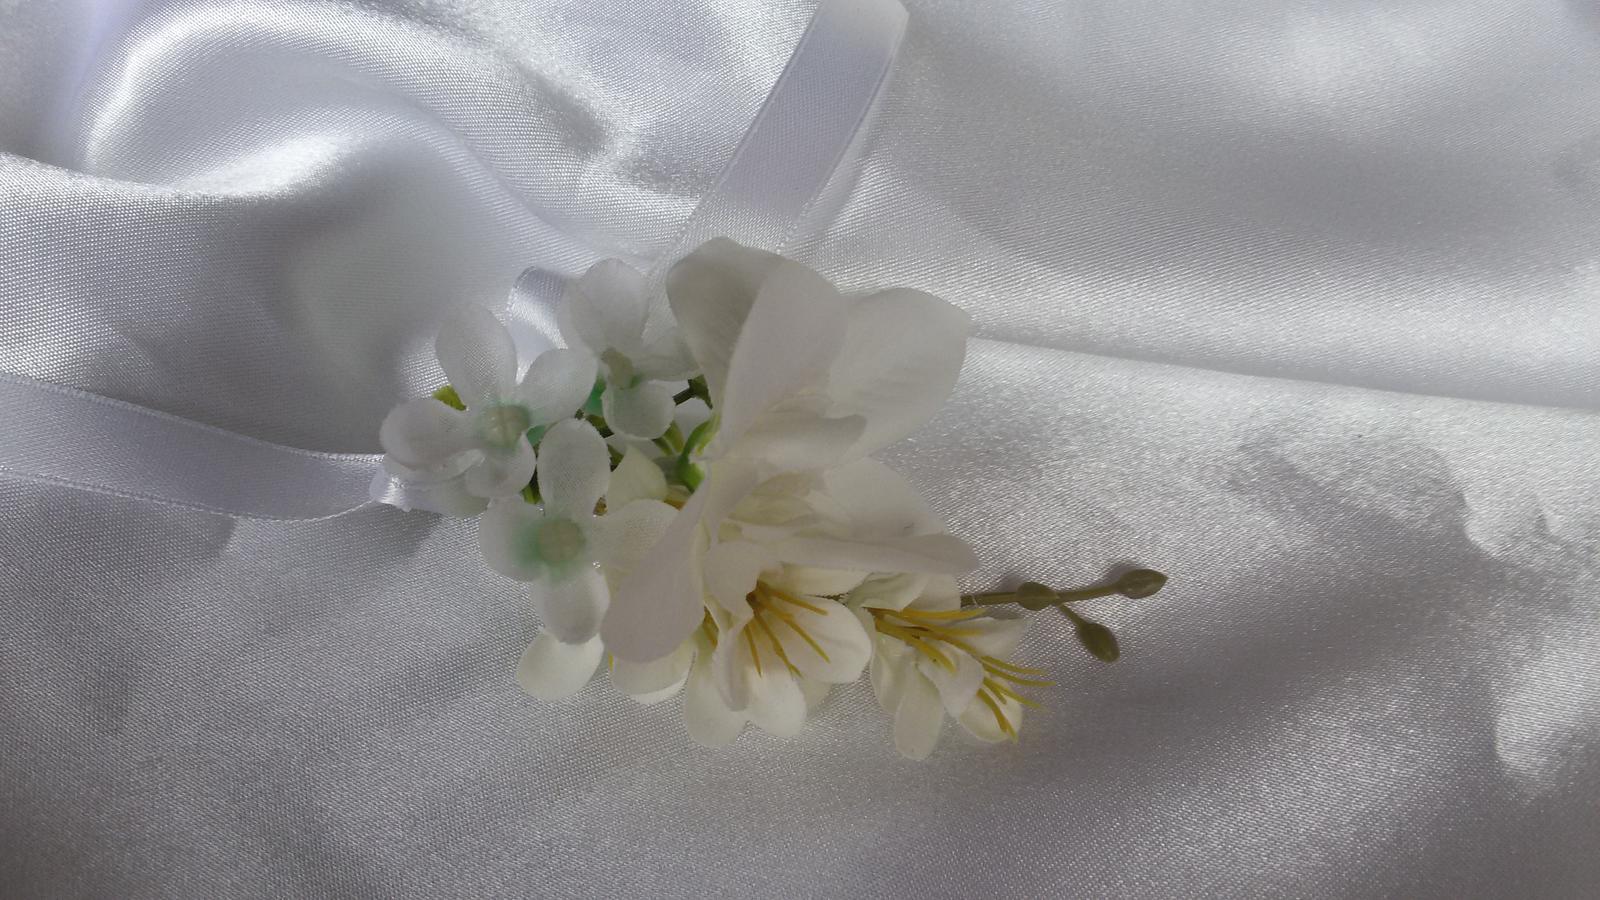 Skřipeček do vlasů s květinou - Obrázek č. 1